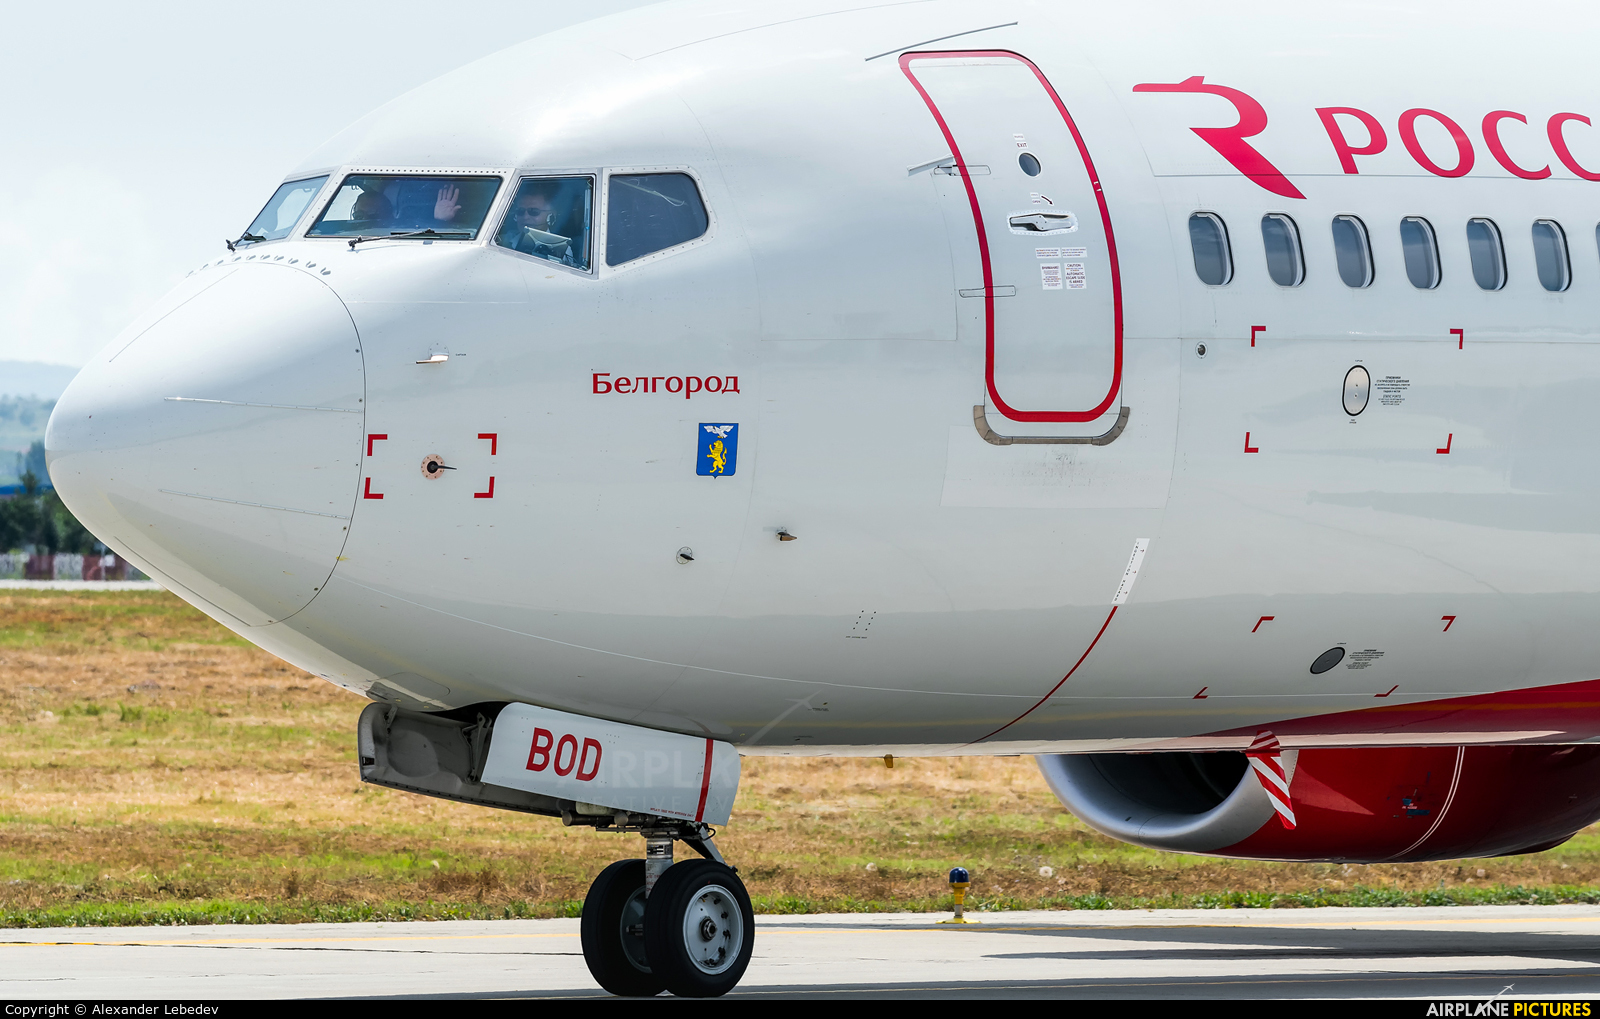 Rossiya VP-BOD aircraft at Anapa Airport